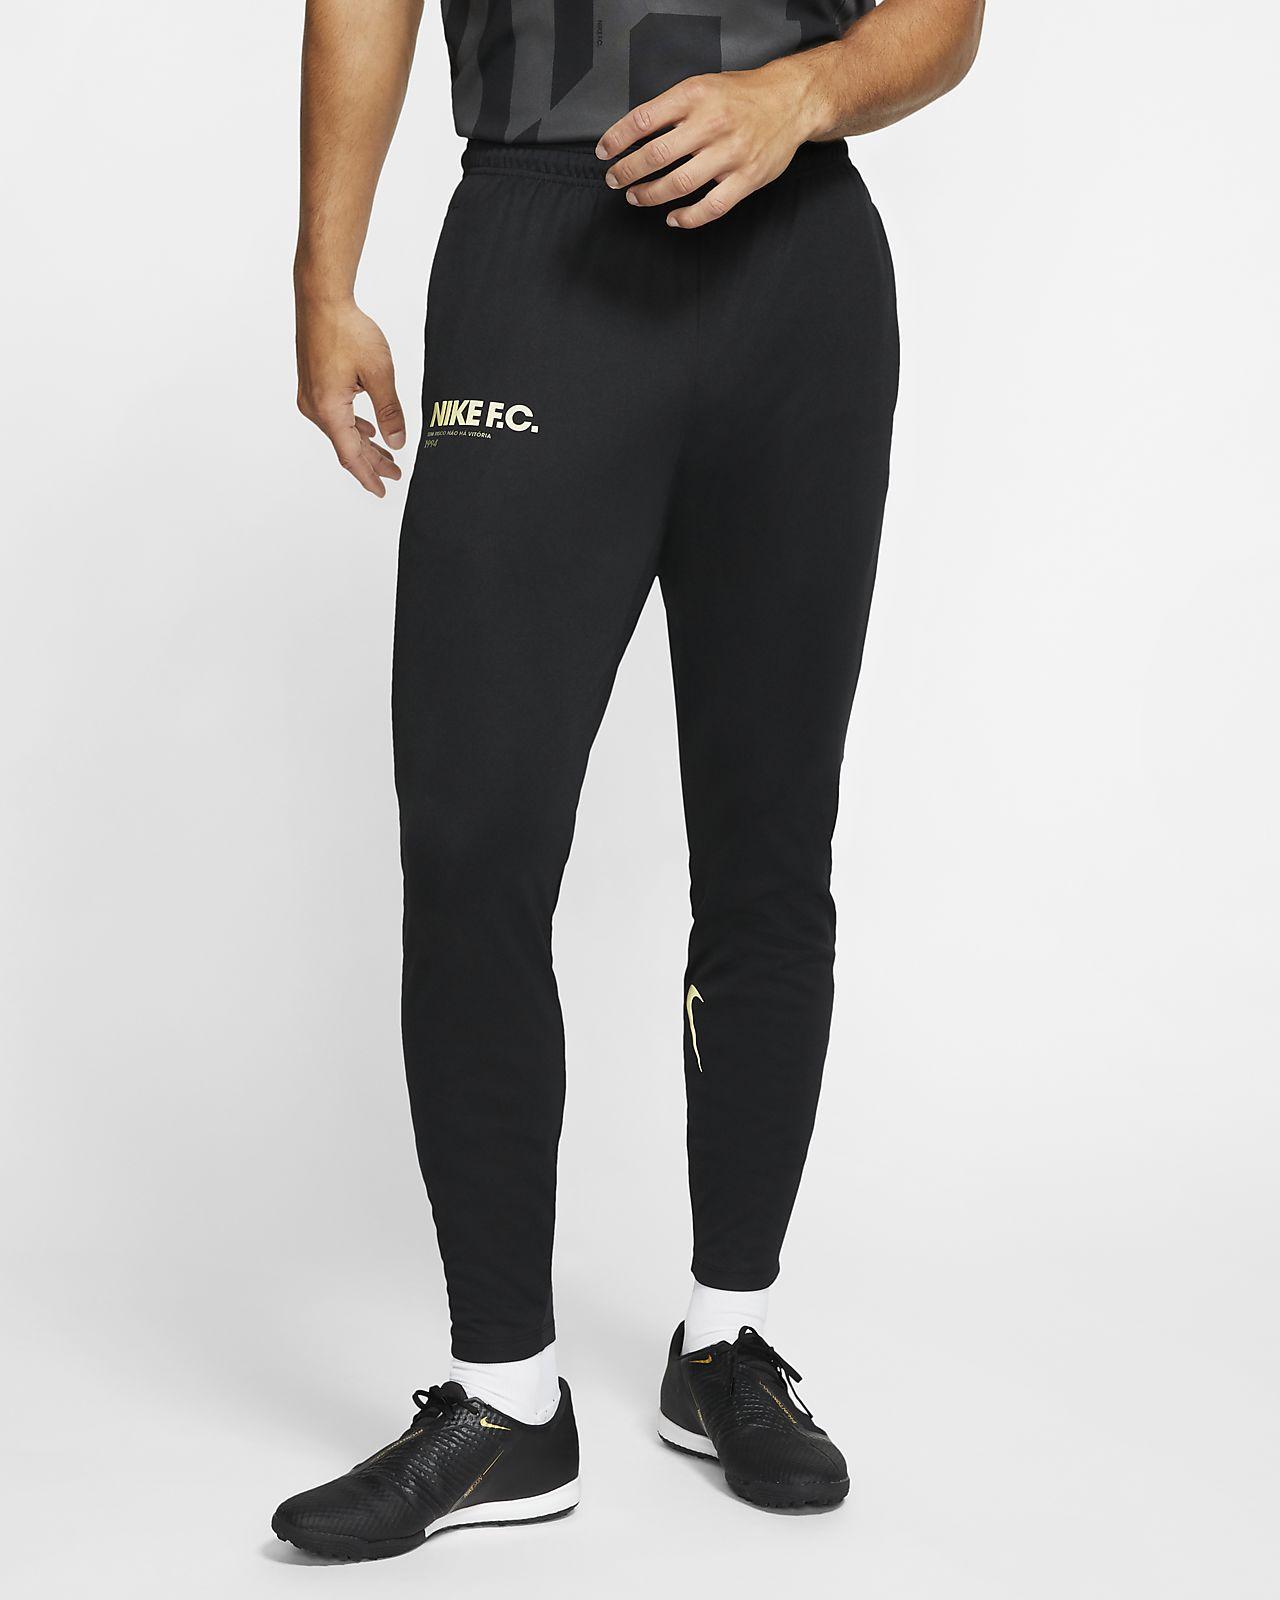 Nike F.C. Men's Pants